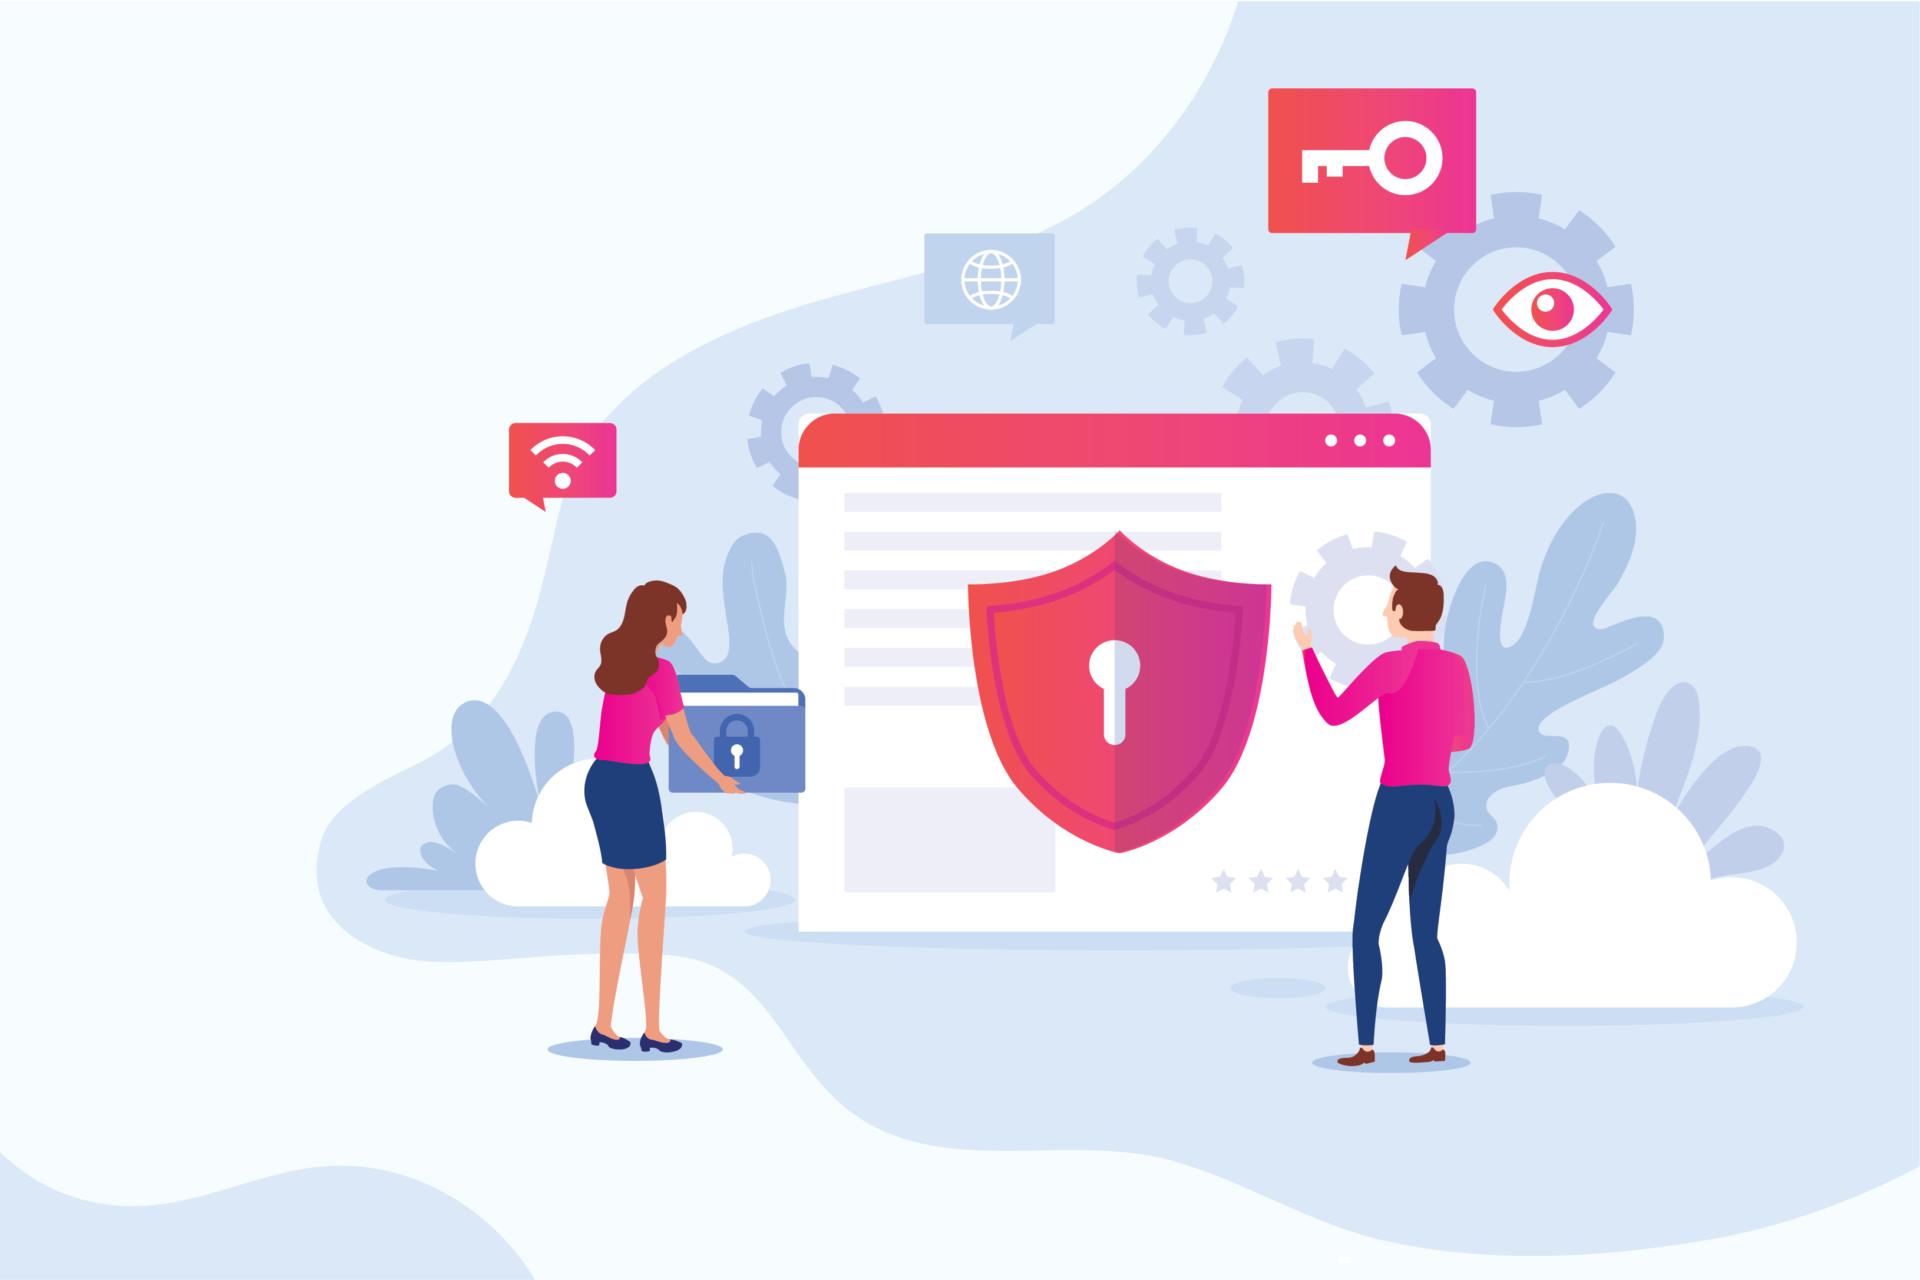 Lei geral de proteção de dados com personagens